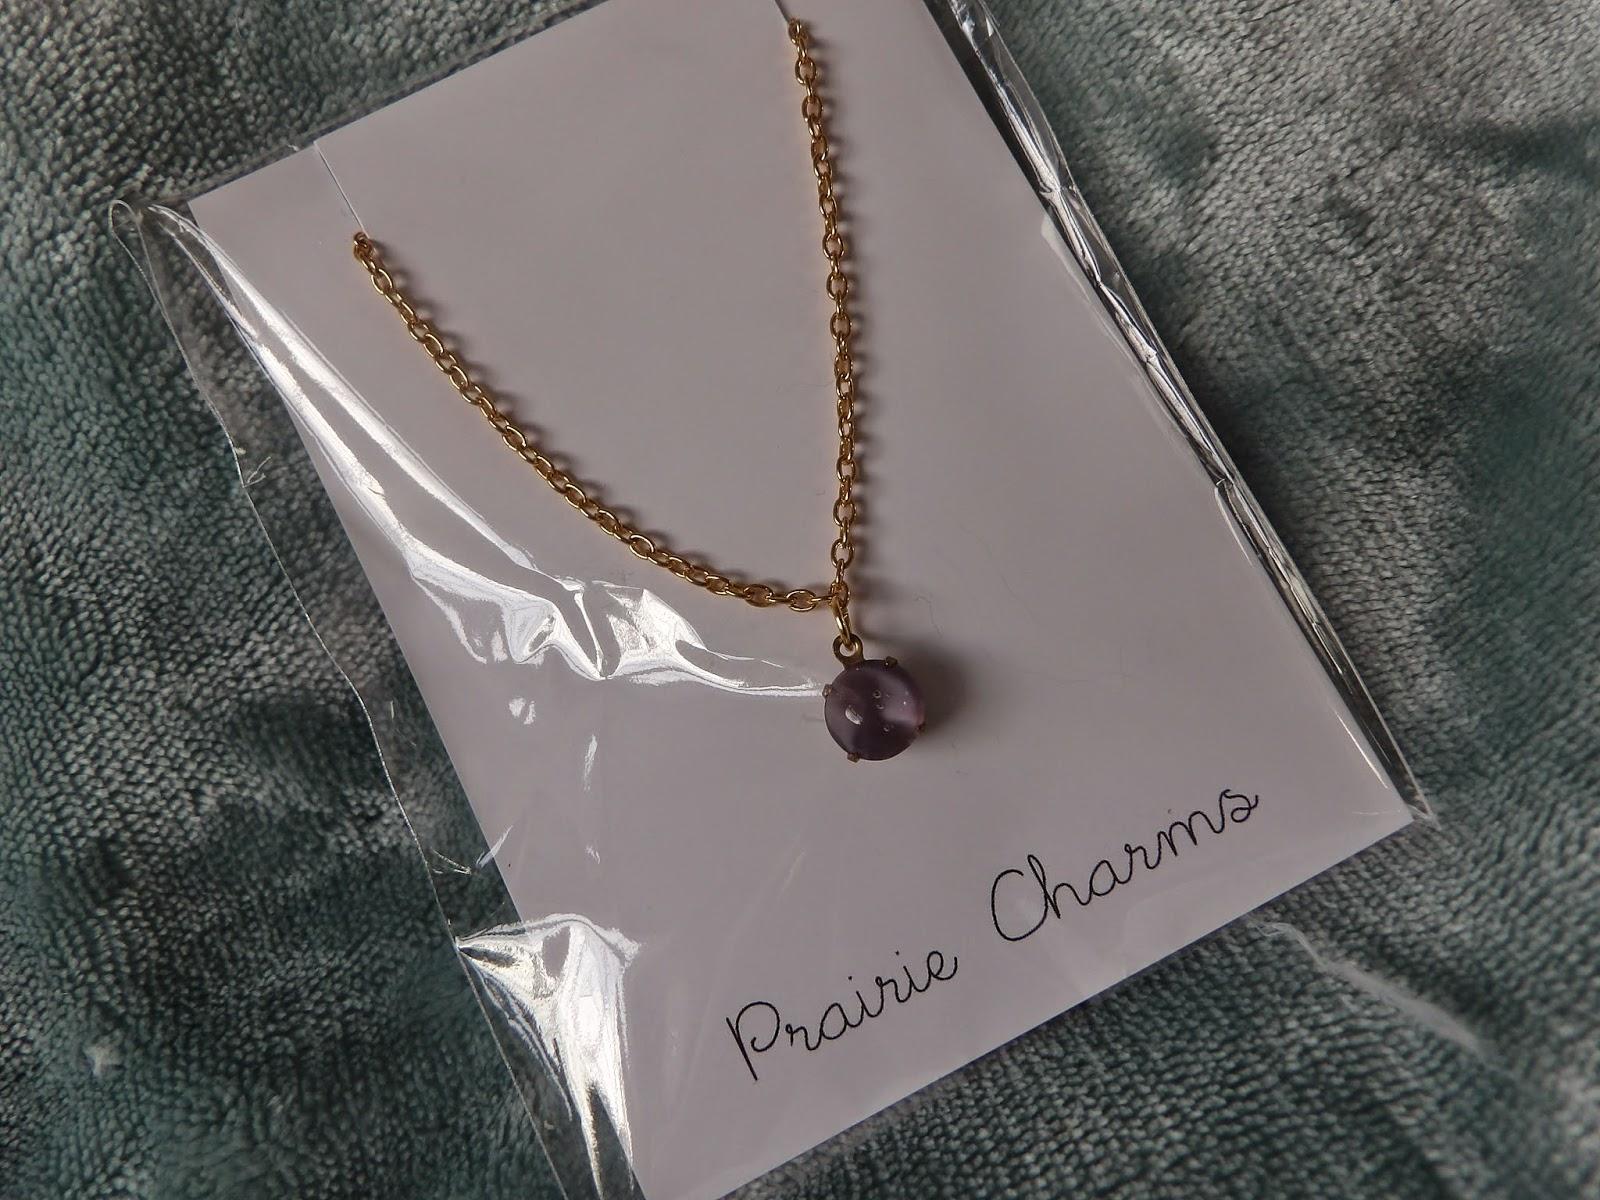 Prairie Charms